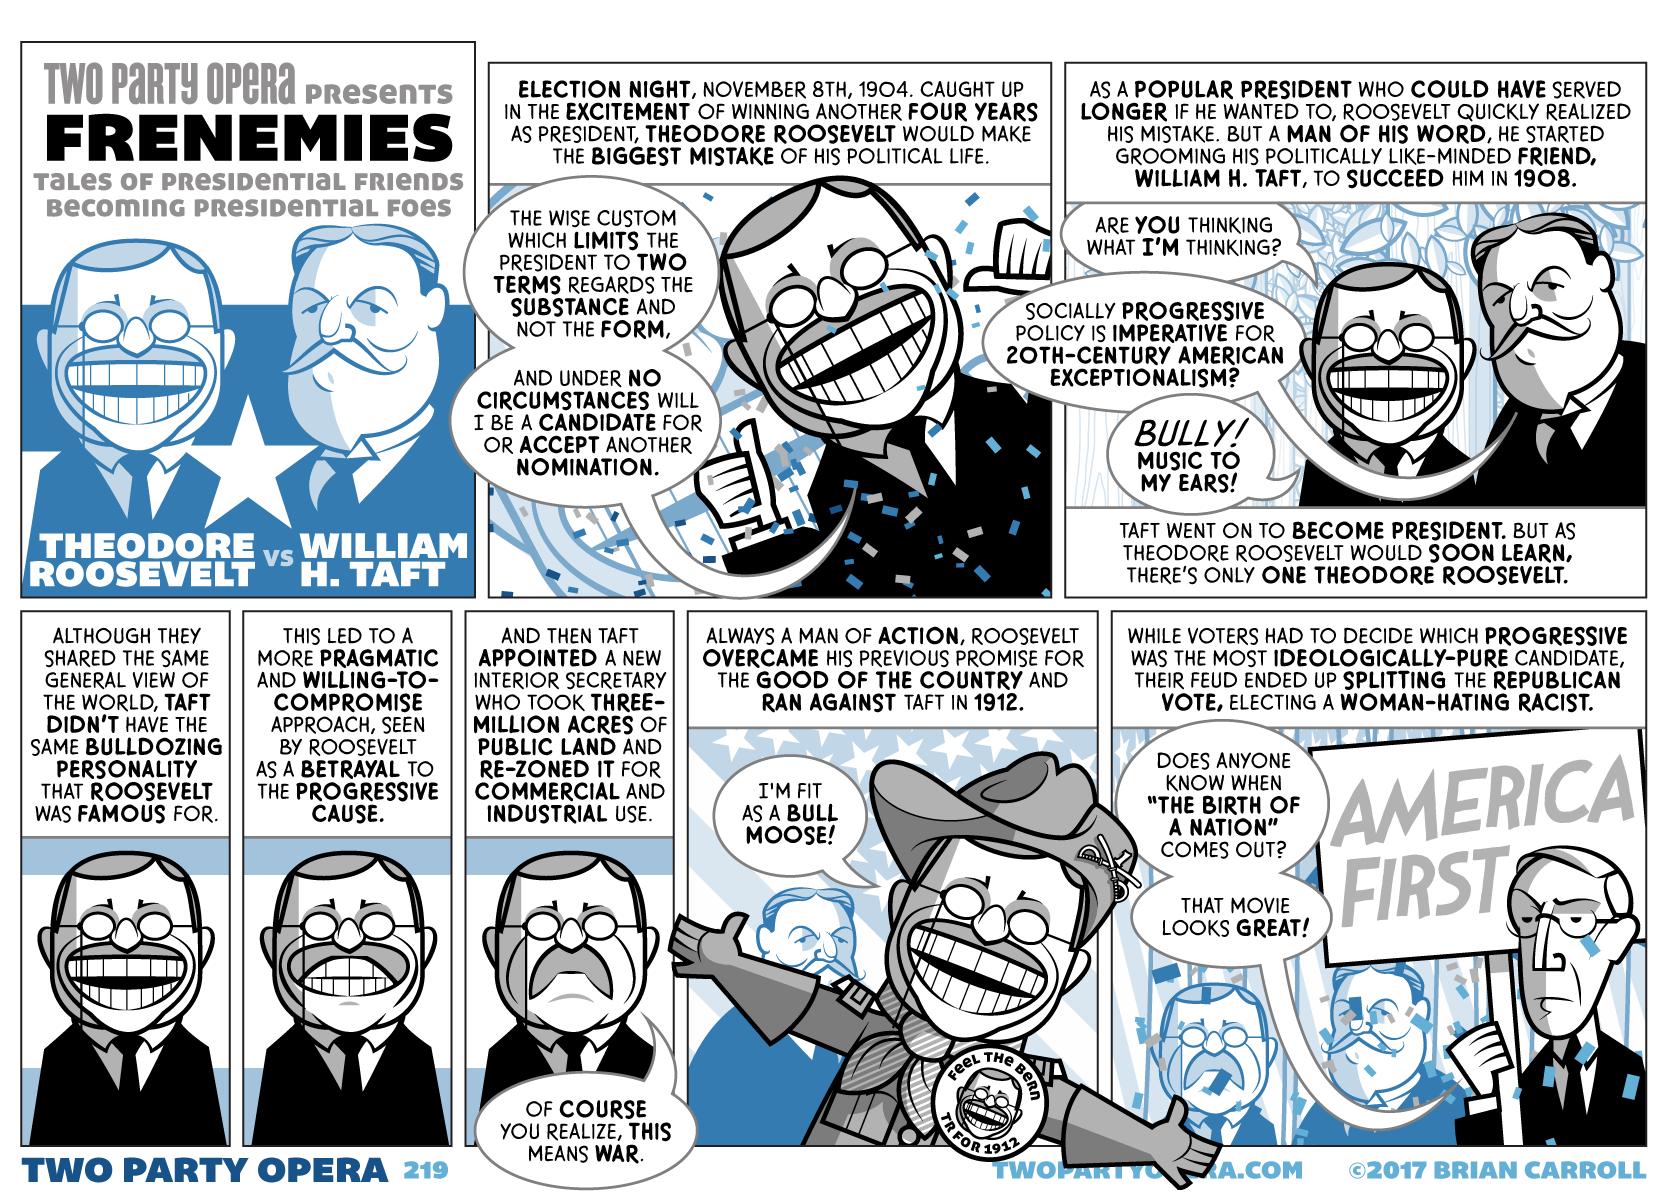 Frenemies – Theodore Roosevelt VS William H. Taft